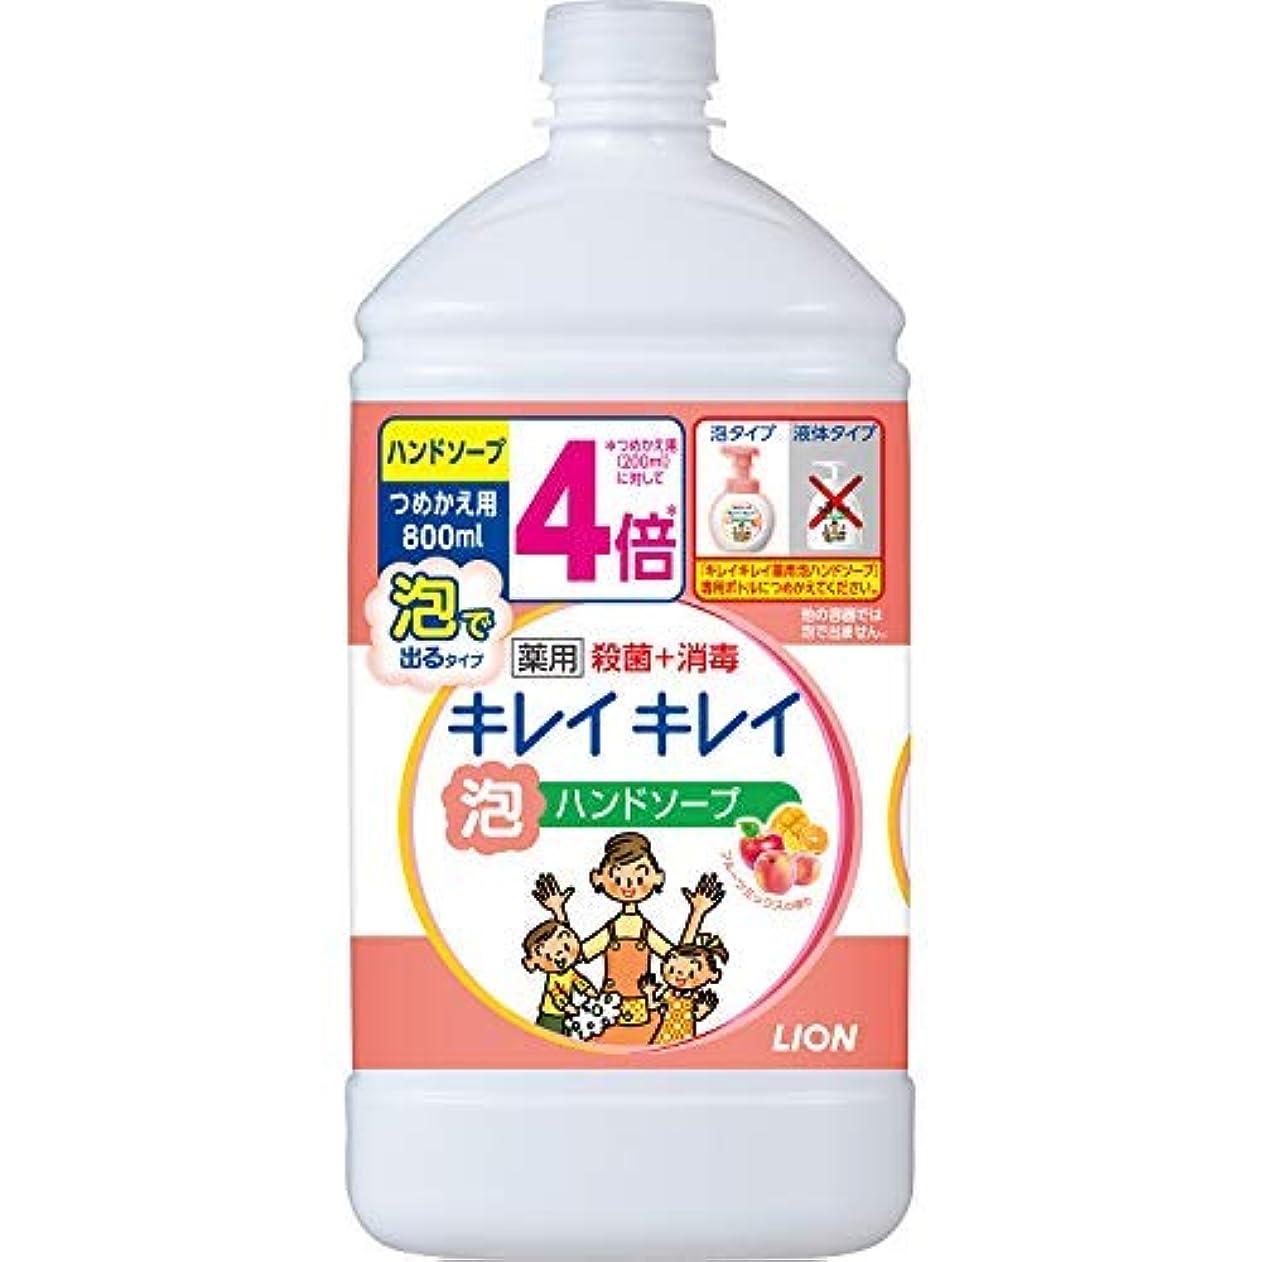 不変レイア四キレイキレイ 薬用泡ハンドソープ つめかえ用特大サイズ フルーツミックス × 2個セット